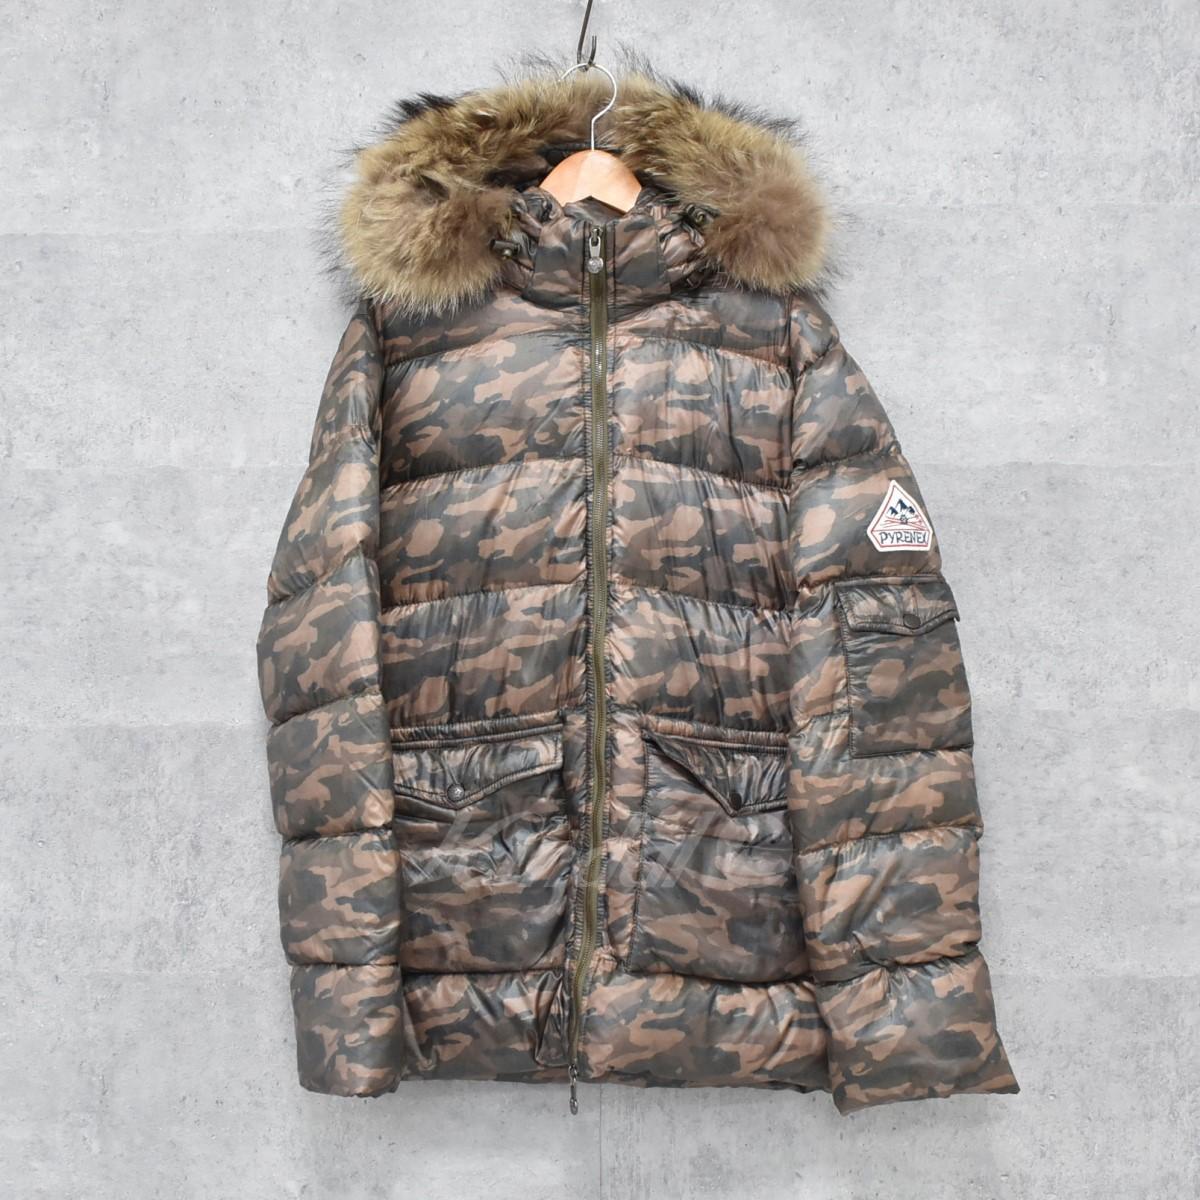 【中古】PYRENEX カモフラダウンジャケット Authentic Jacket カーキ×ブラウン他 サイズ:S 【送料無料】 【261018】(ピレネックス)